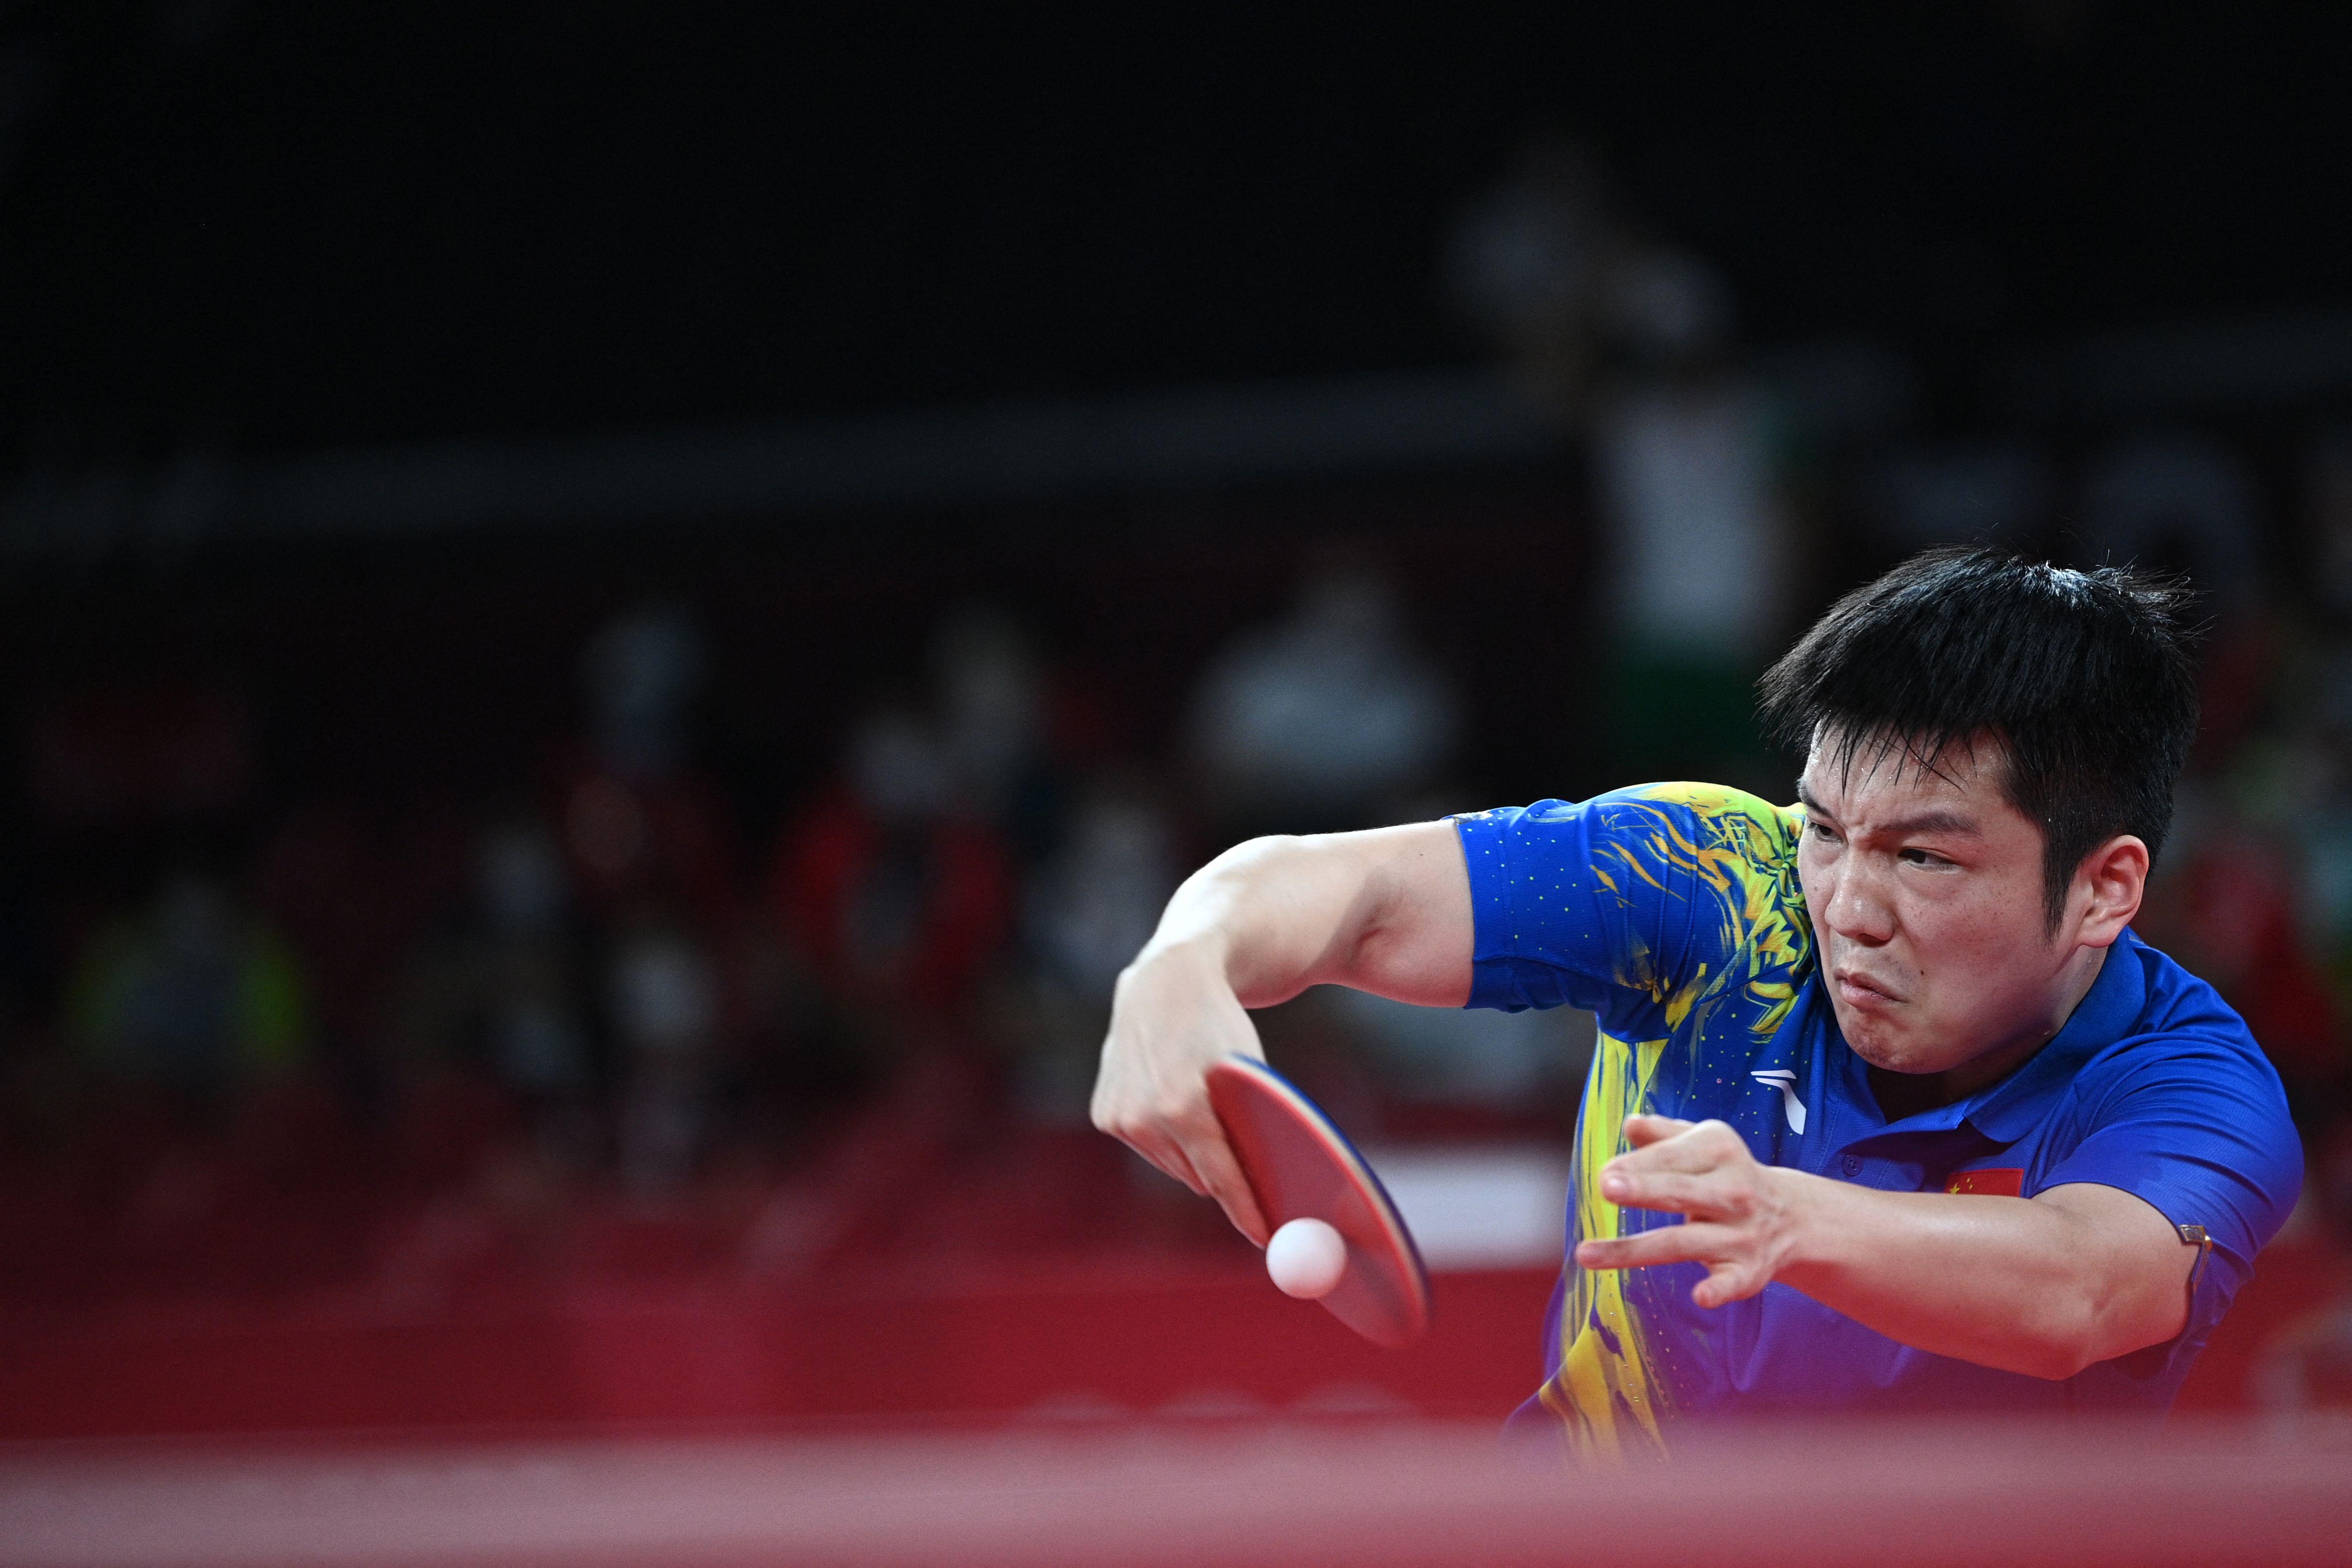 樊振东在奥运决赛的舞台,还是有些青涩。